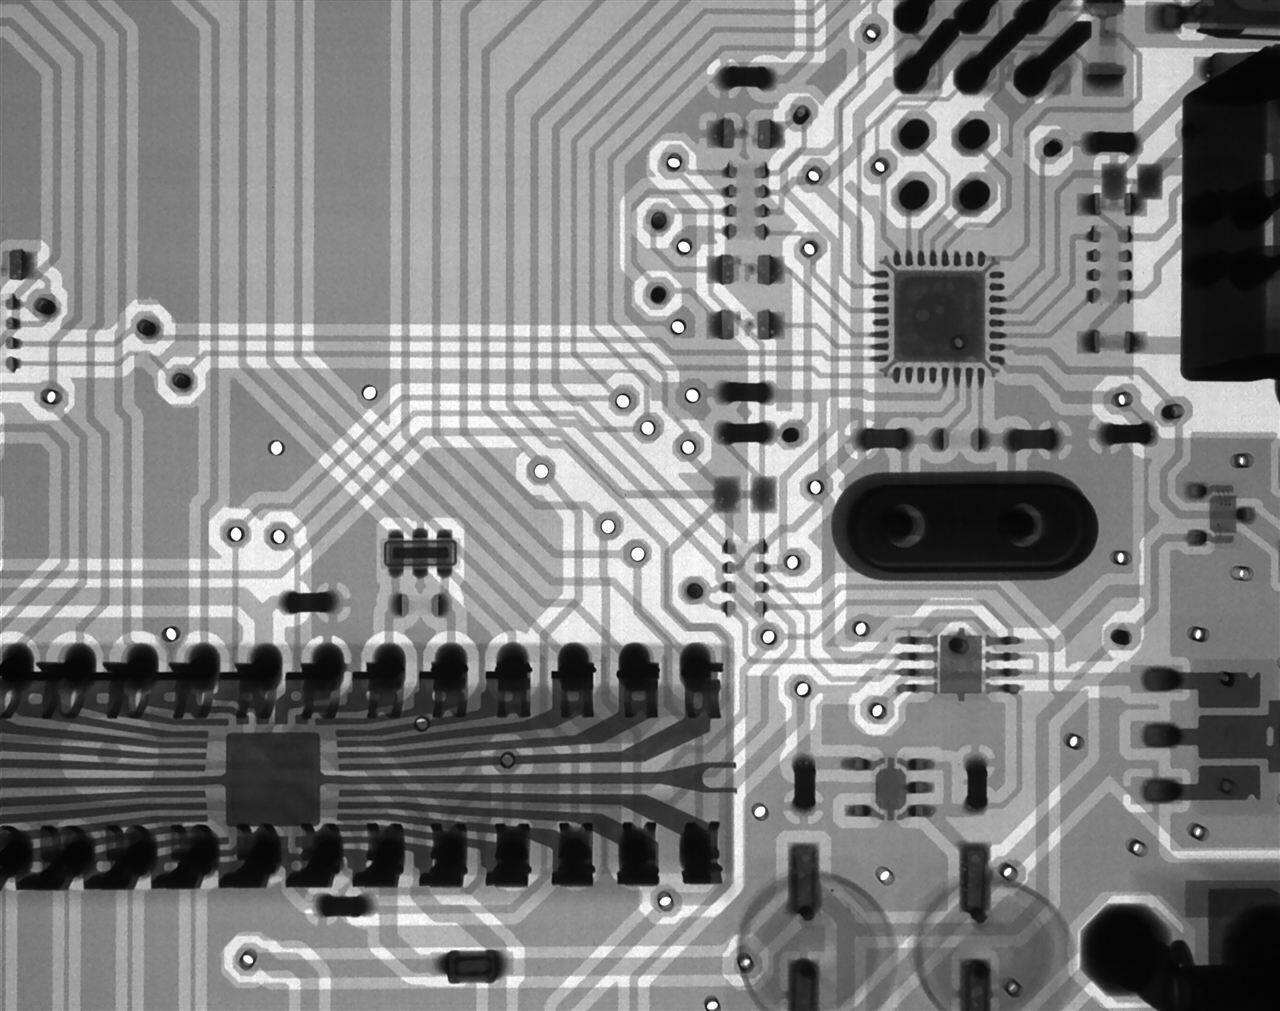 AI芯片植入人腦尚未成真 但融入安防已勢不可擋